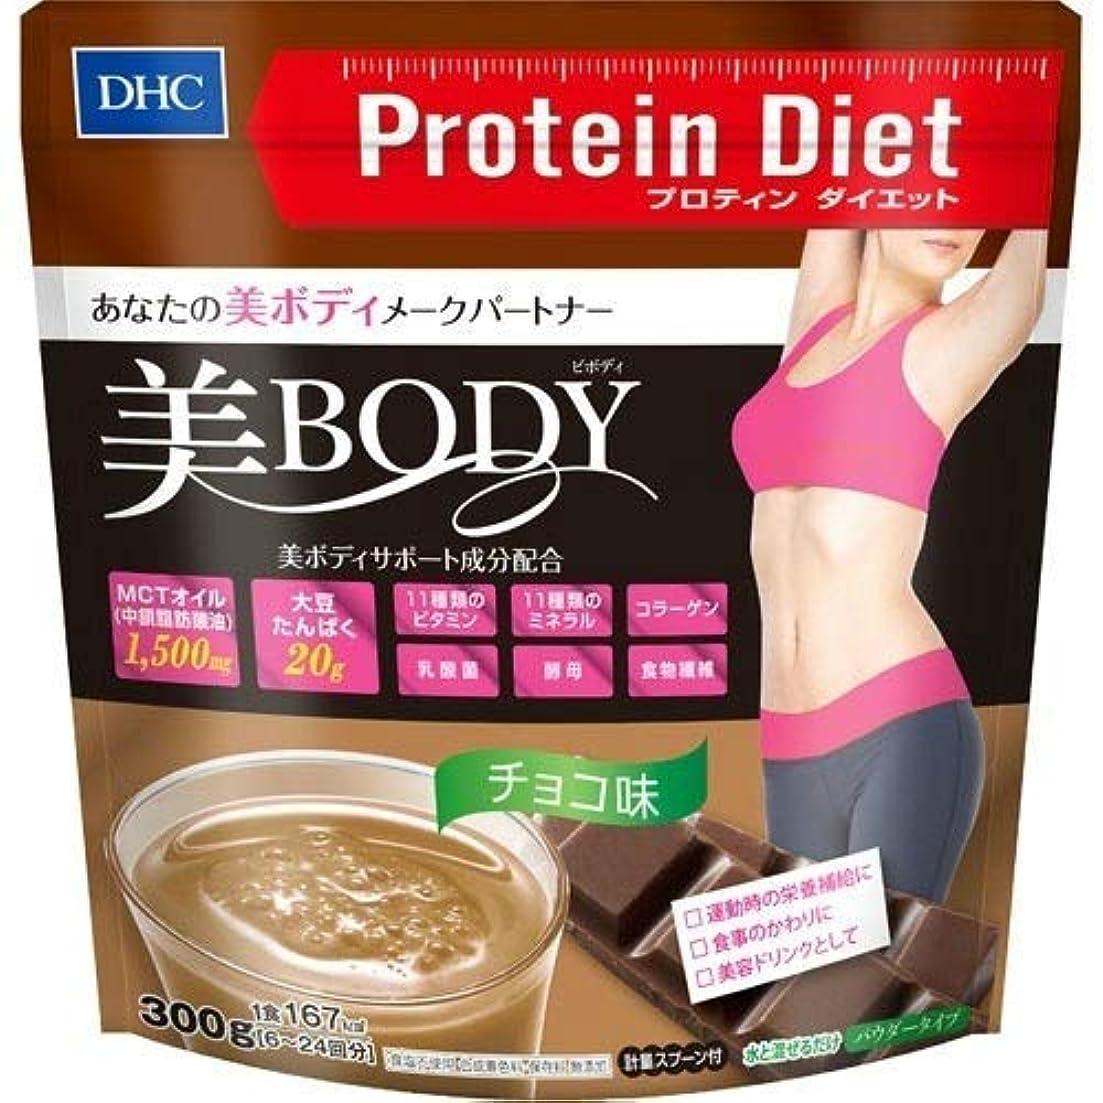 女性スパイラル教えるDHC プロテインダイエット 美Body チョコ味 300g × 24個セット